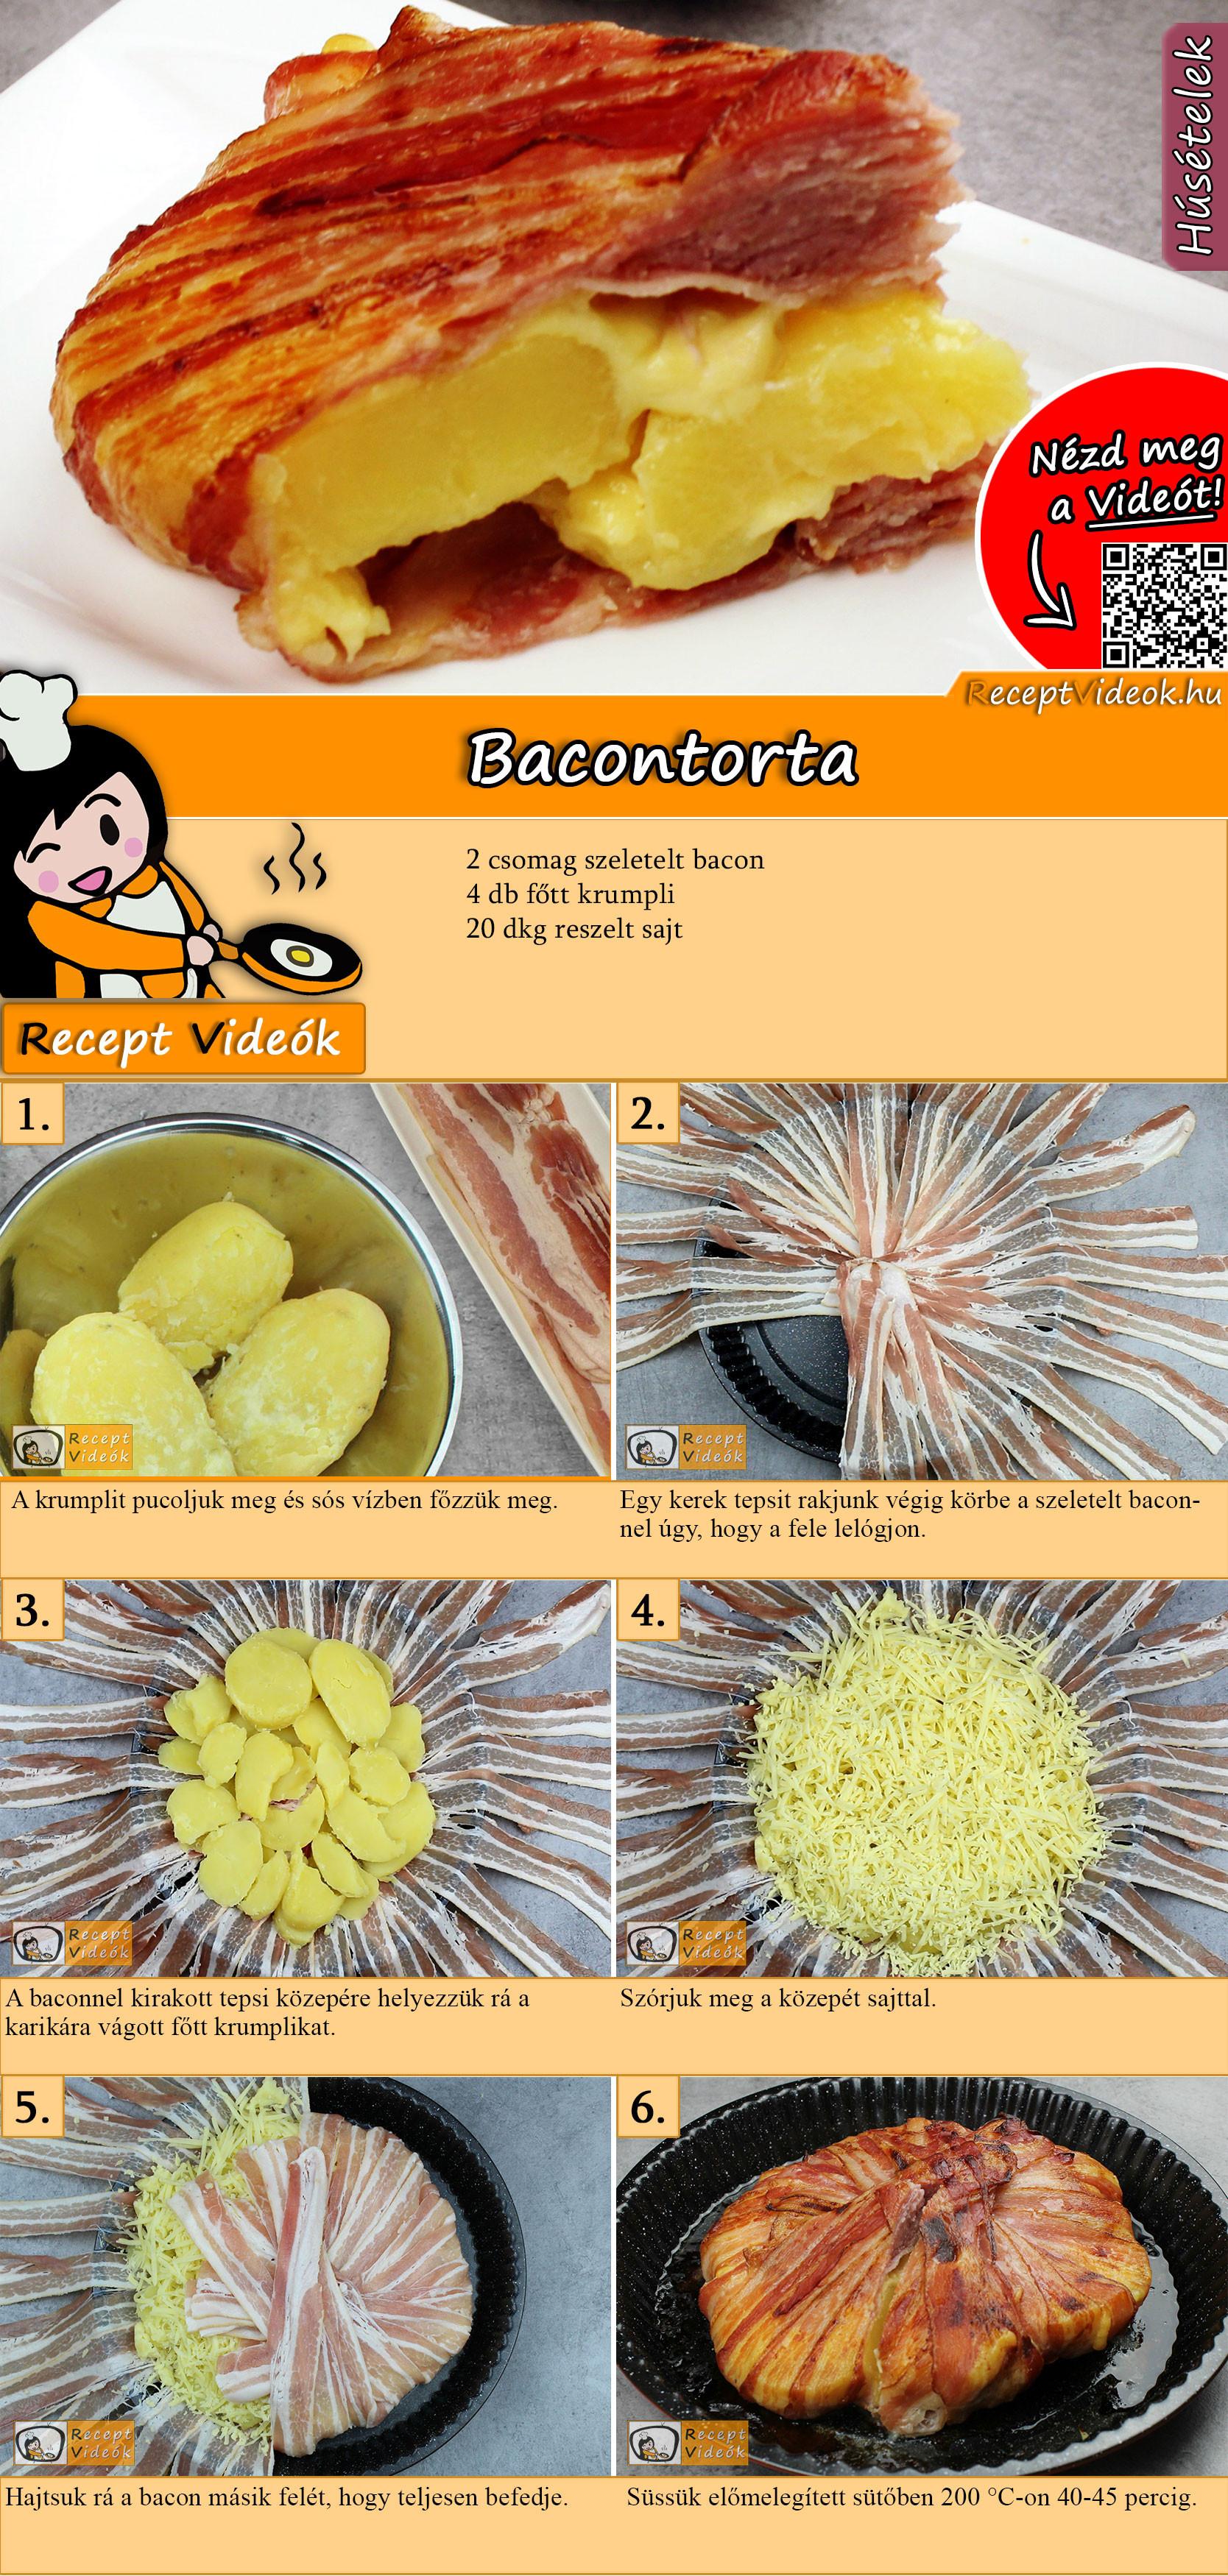 Bacontorta recept elkészítése videóval